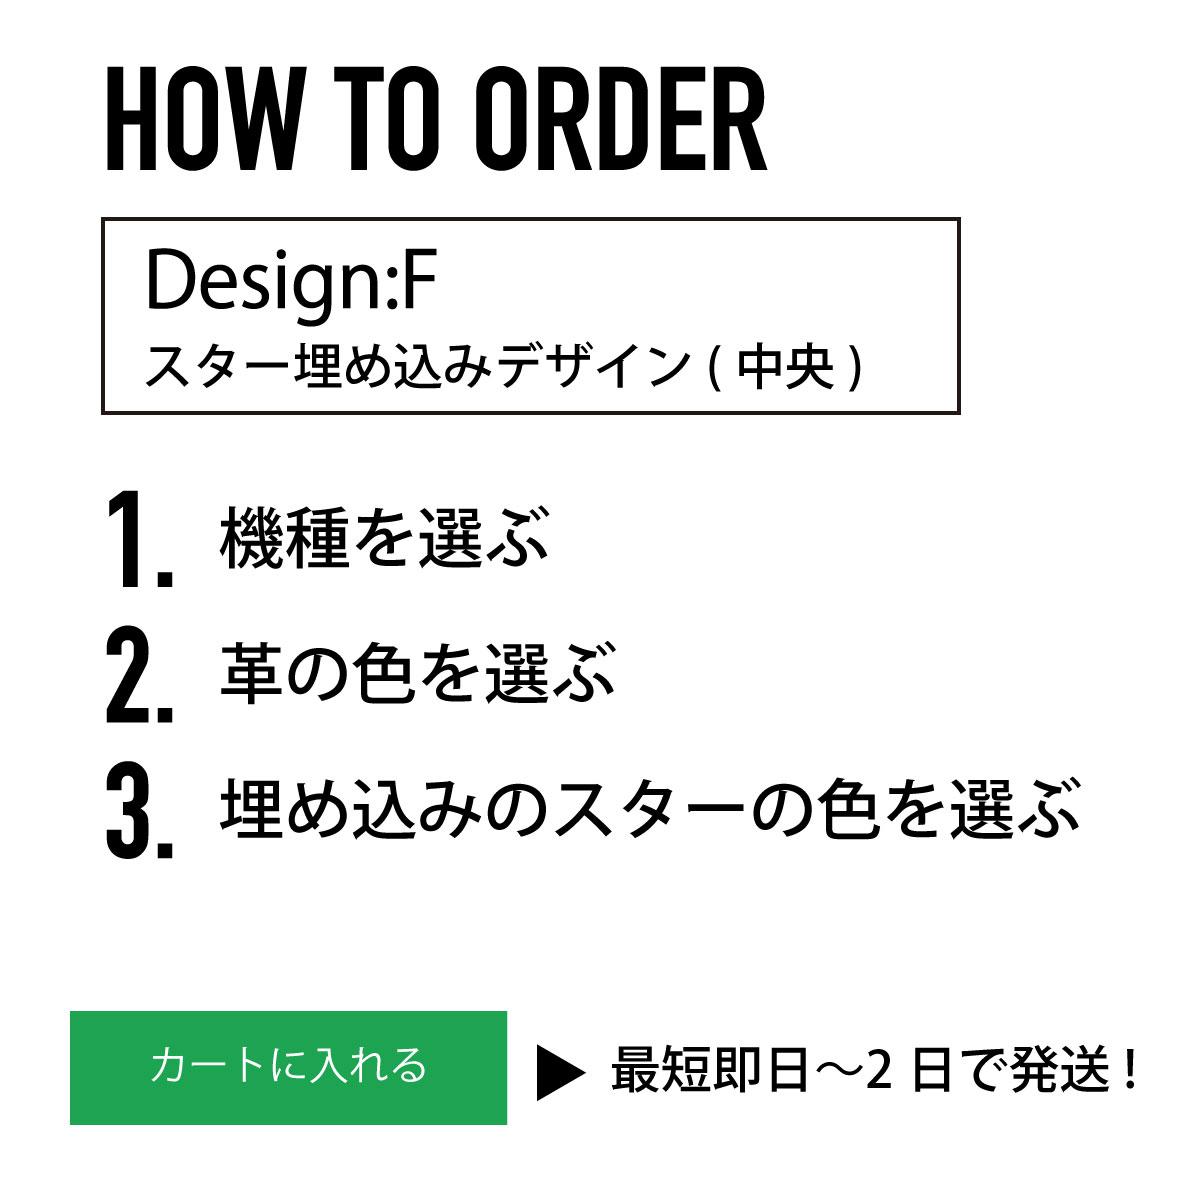 iPhoneOpenCase:   DesignG:マーク埋込み/ワンスター右上